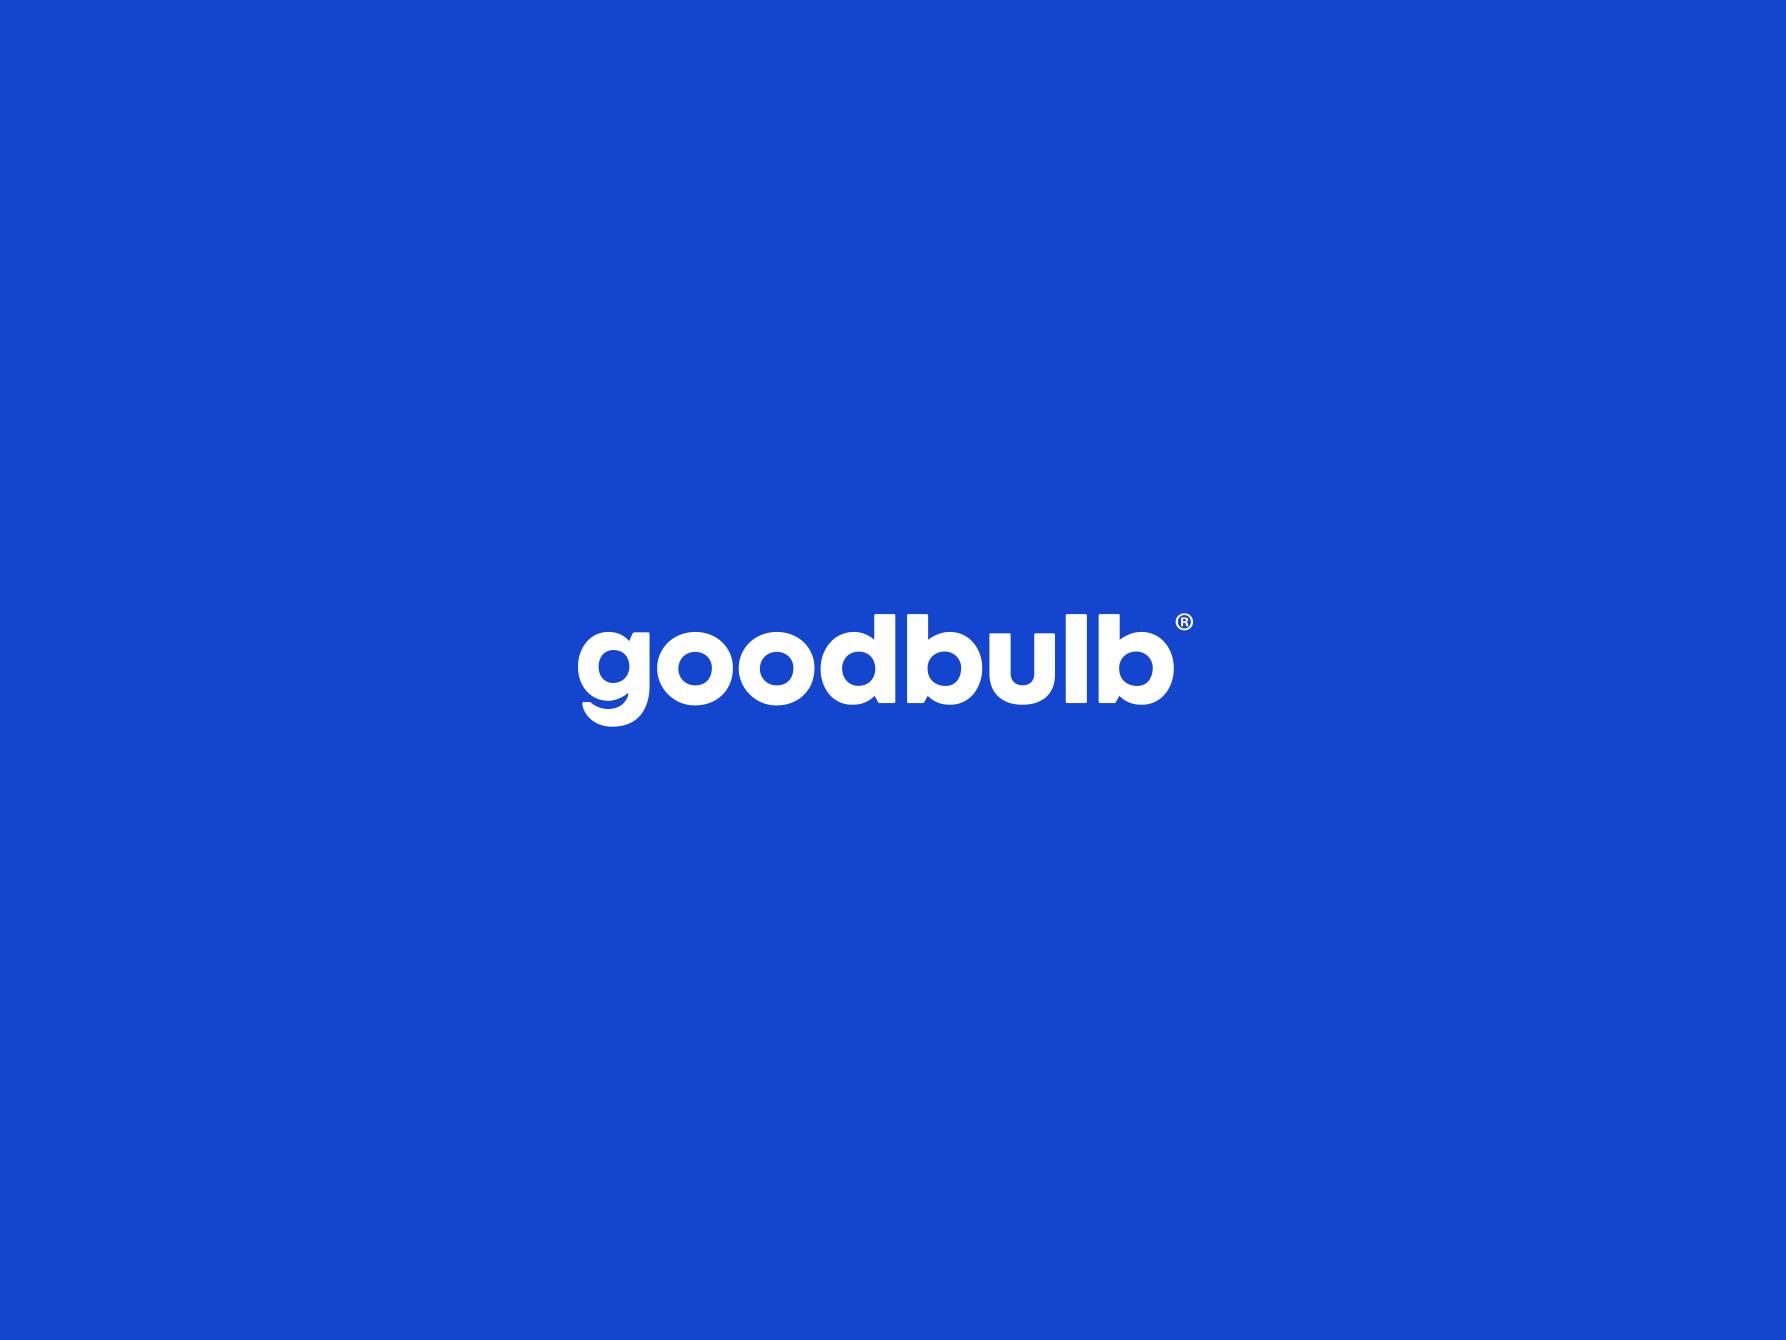 goodbulb.jpg